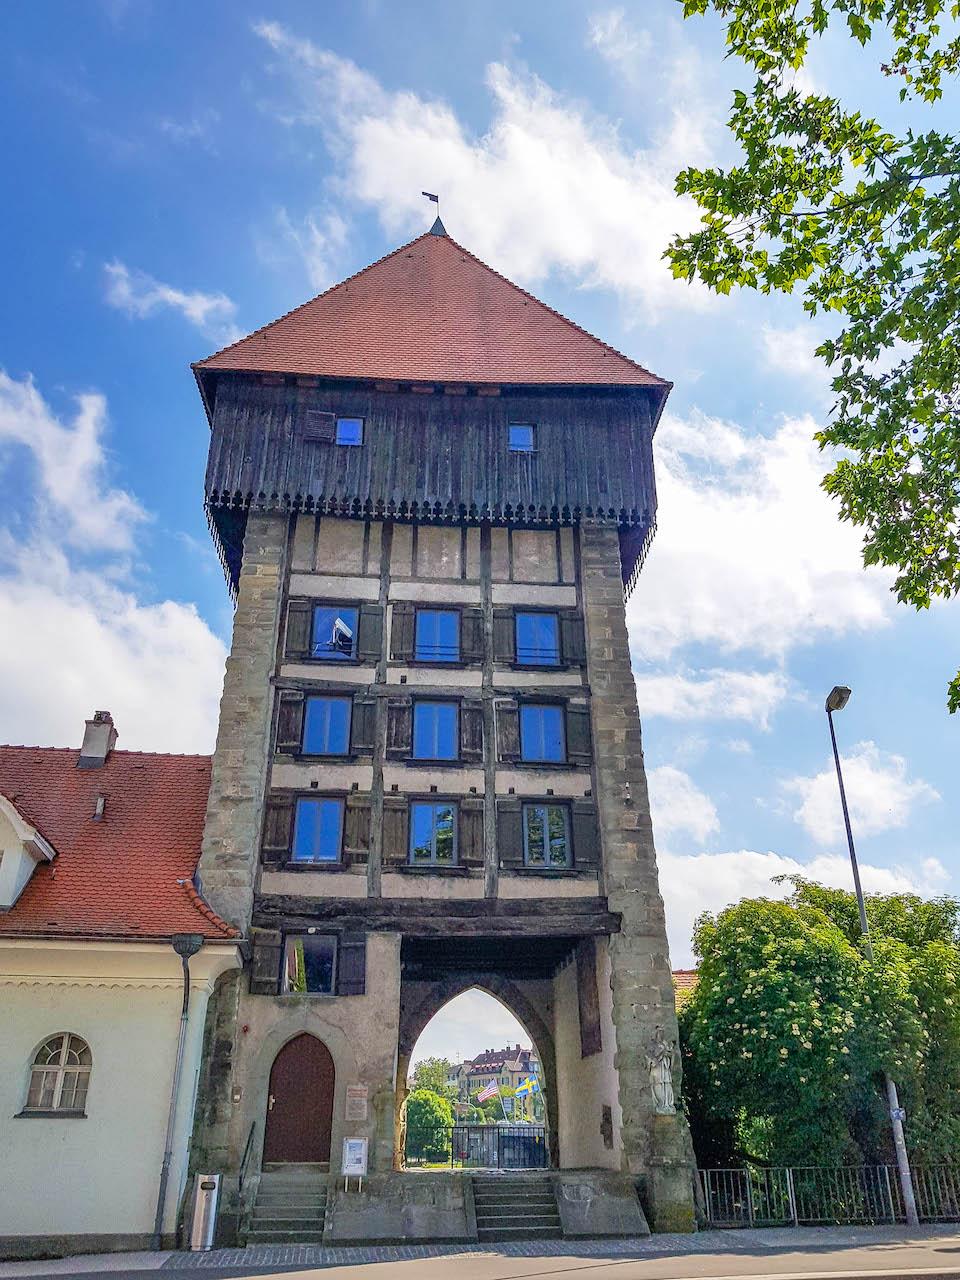 Stadteinsichten in Konstanz.